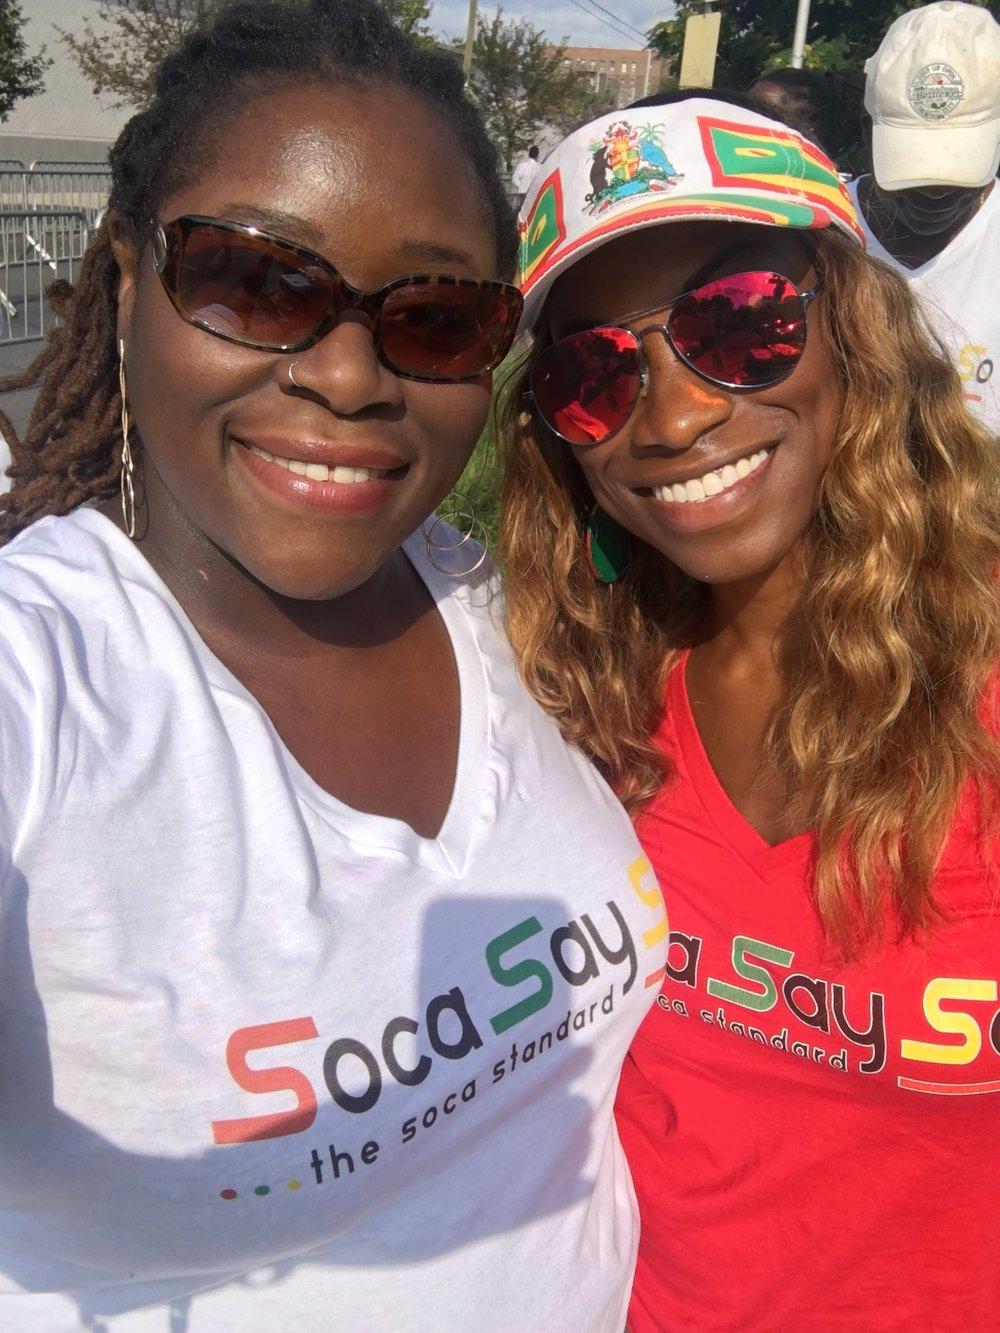 w/ fellow Blogger Chick SocaSaySo (Brooklyn 2017)